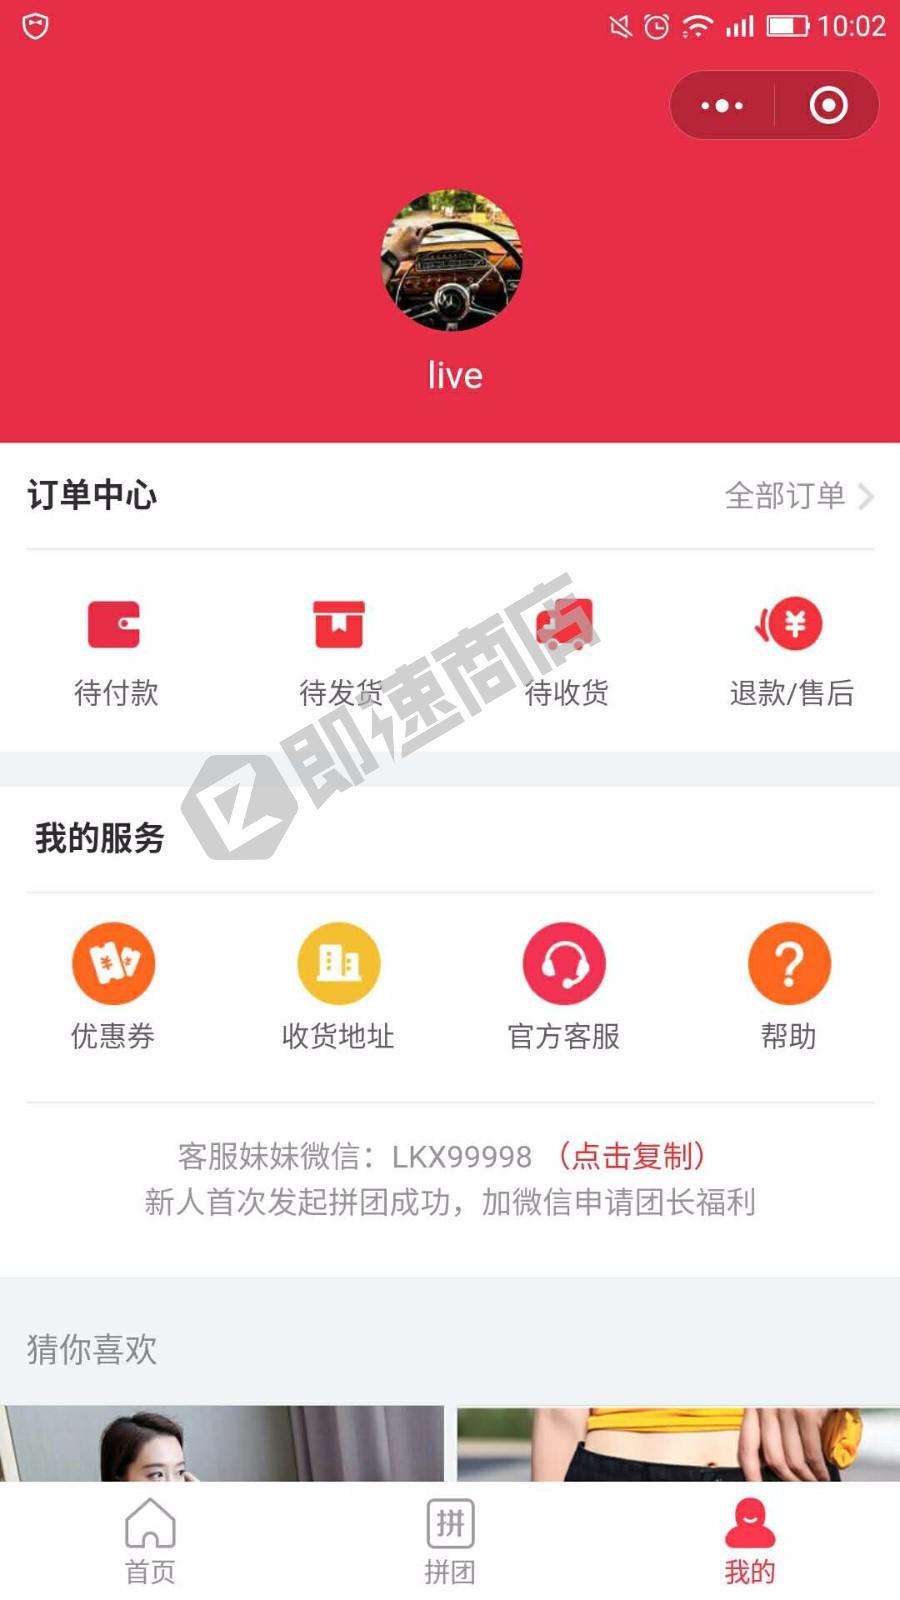 惠拼优选小程序列表页截图